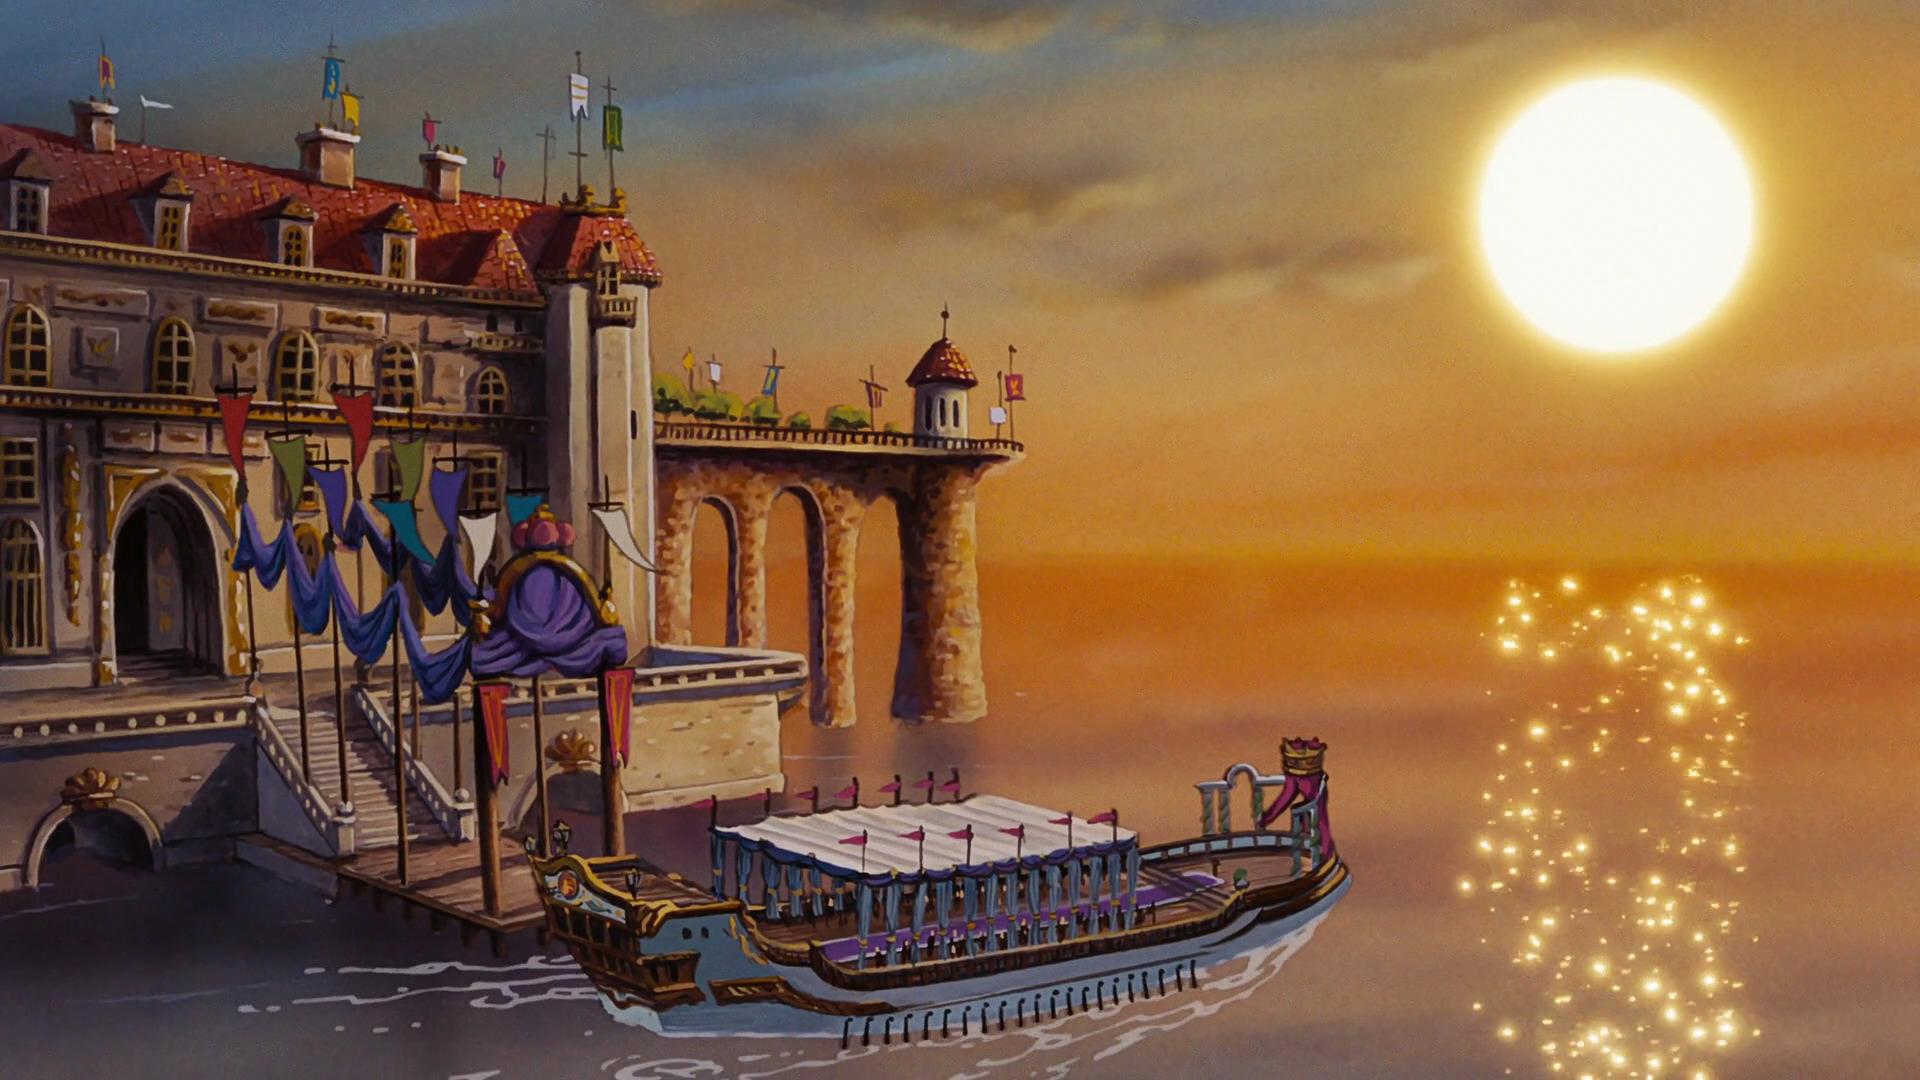 The Wedding Ship Disney Wiki Fandom Powered By Wikia